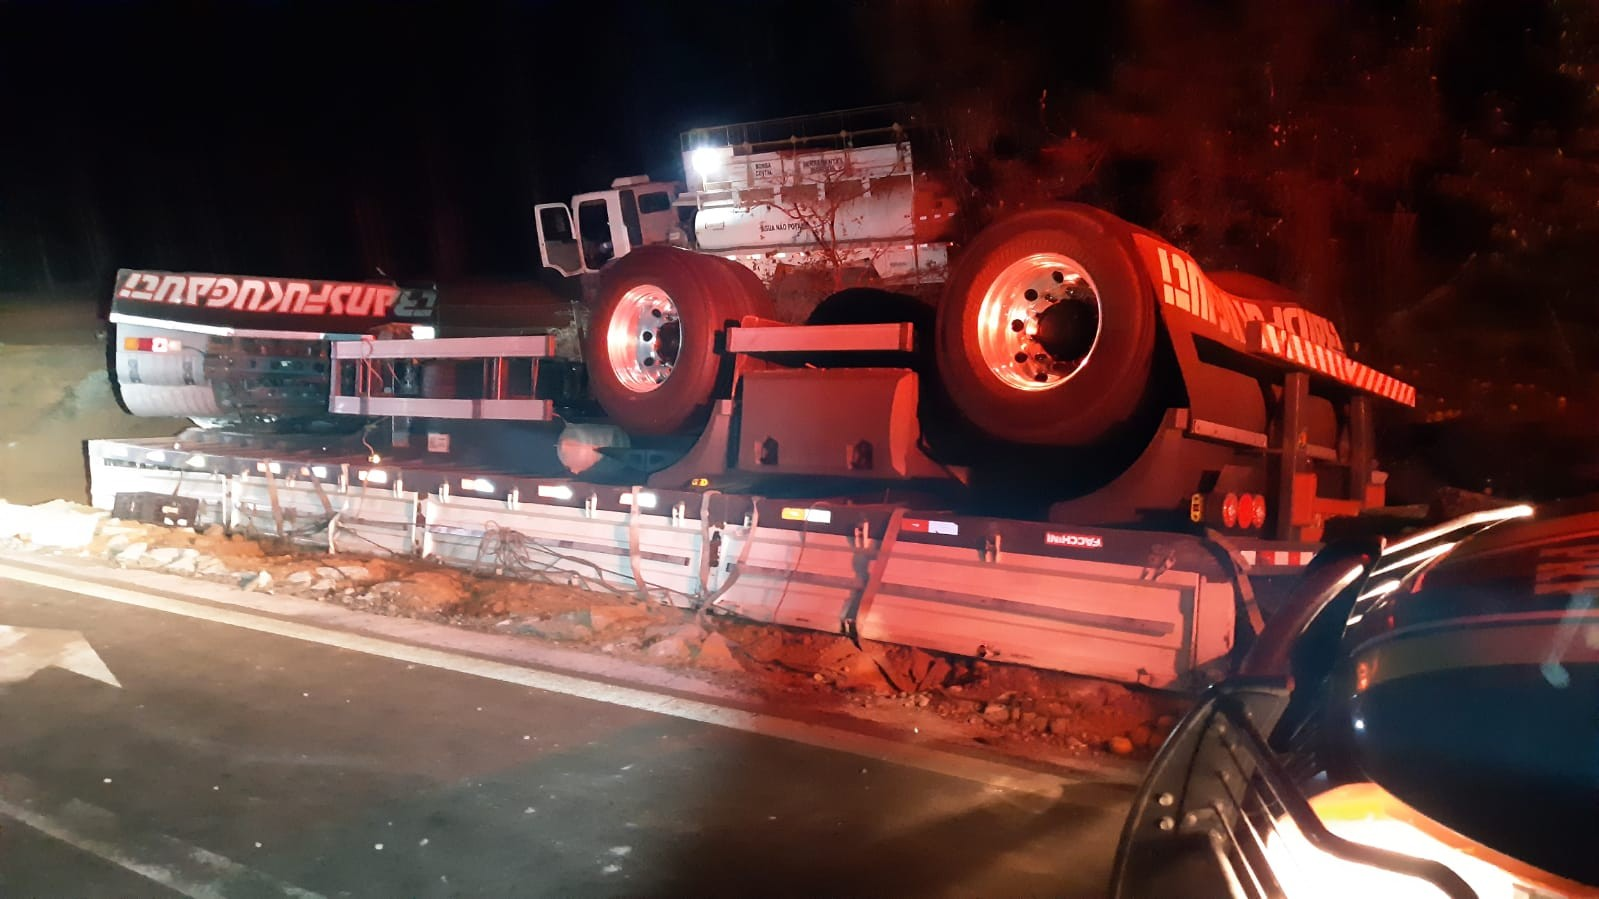 Motorista tomba caminhão carregado de mexericas e morre em acidente próximo a Romaria